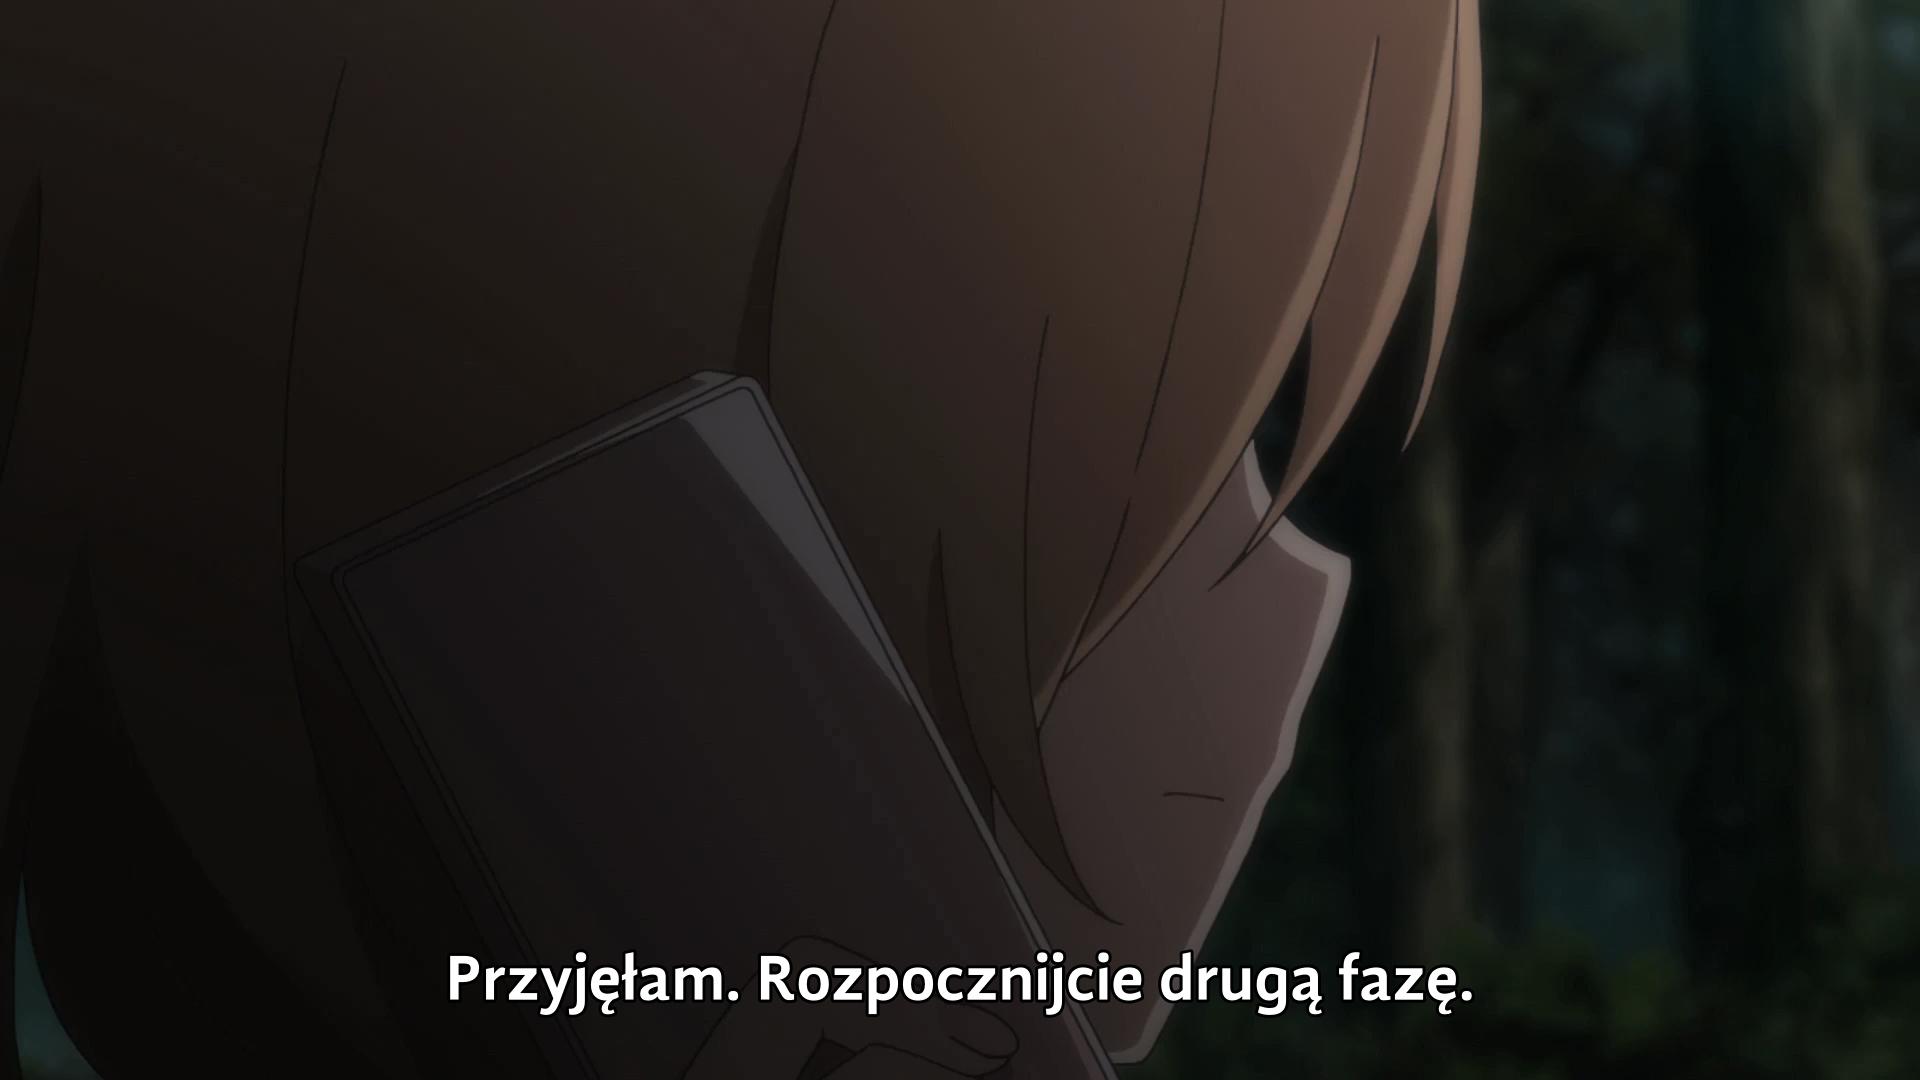 yxkpz3.png